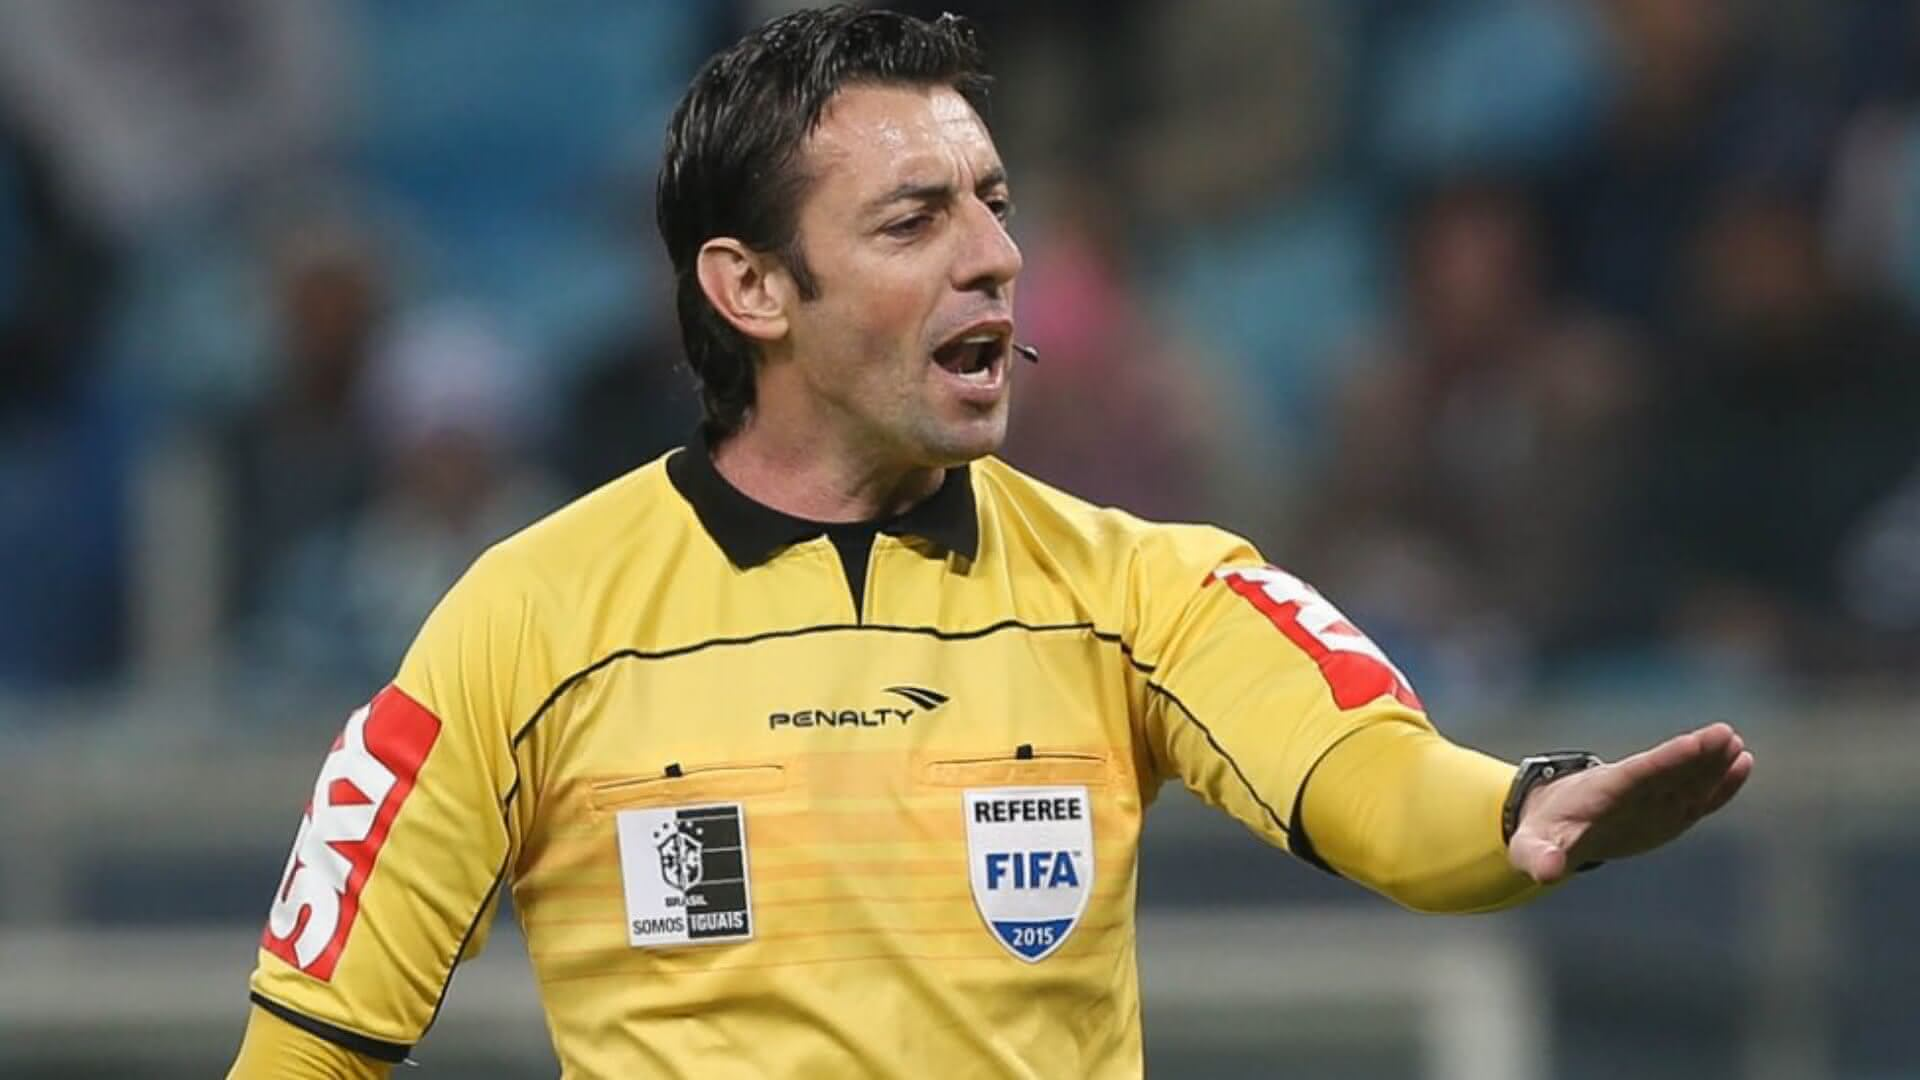 Raphael Claus